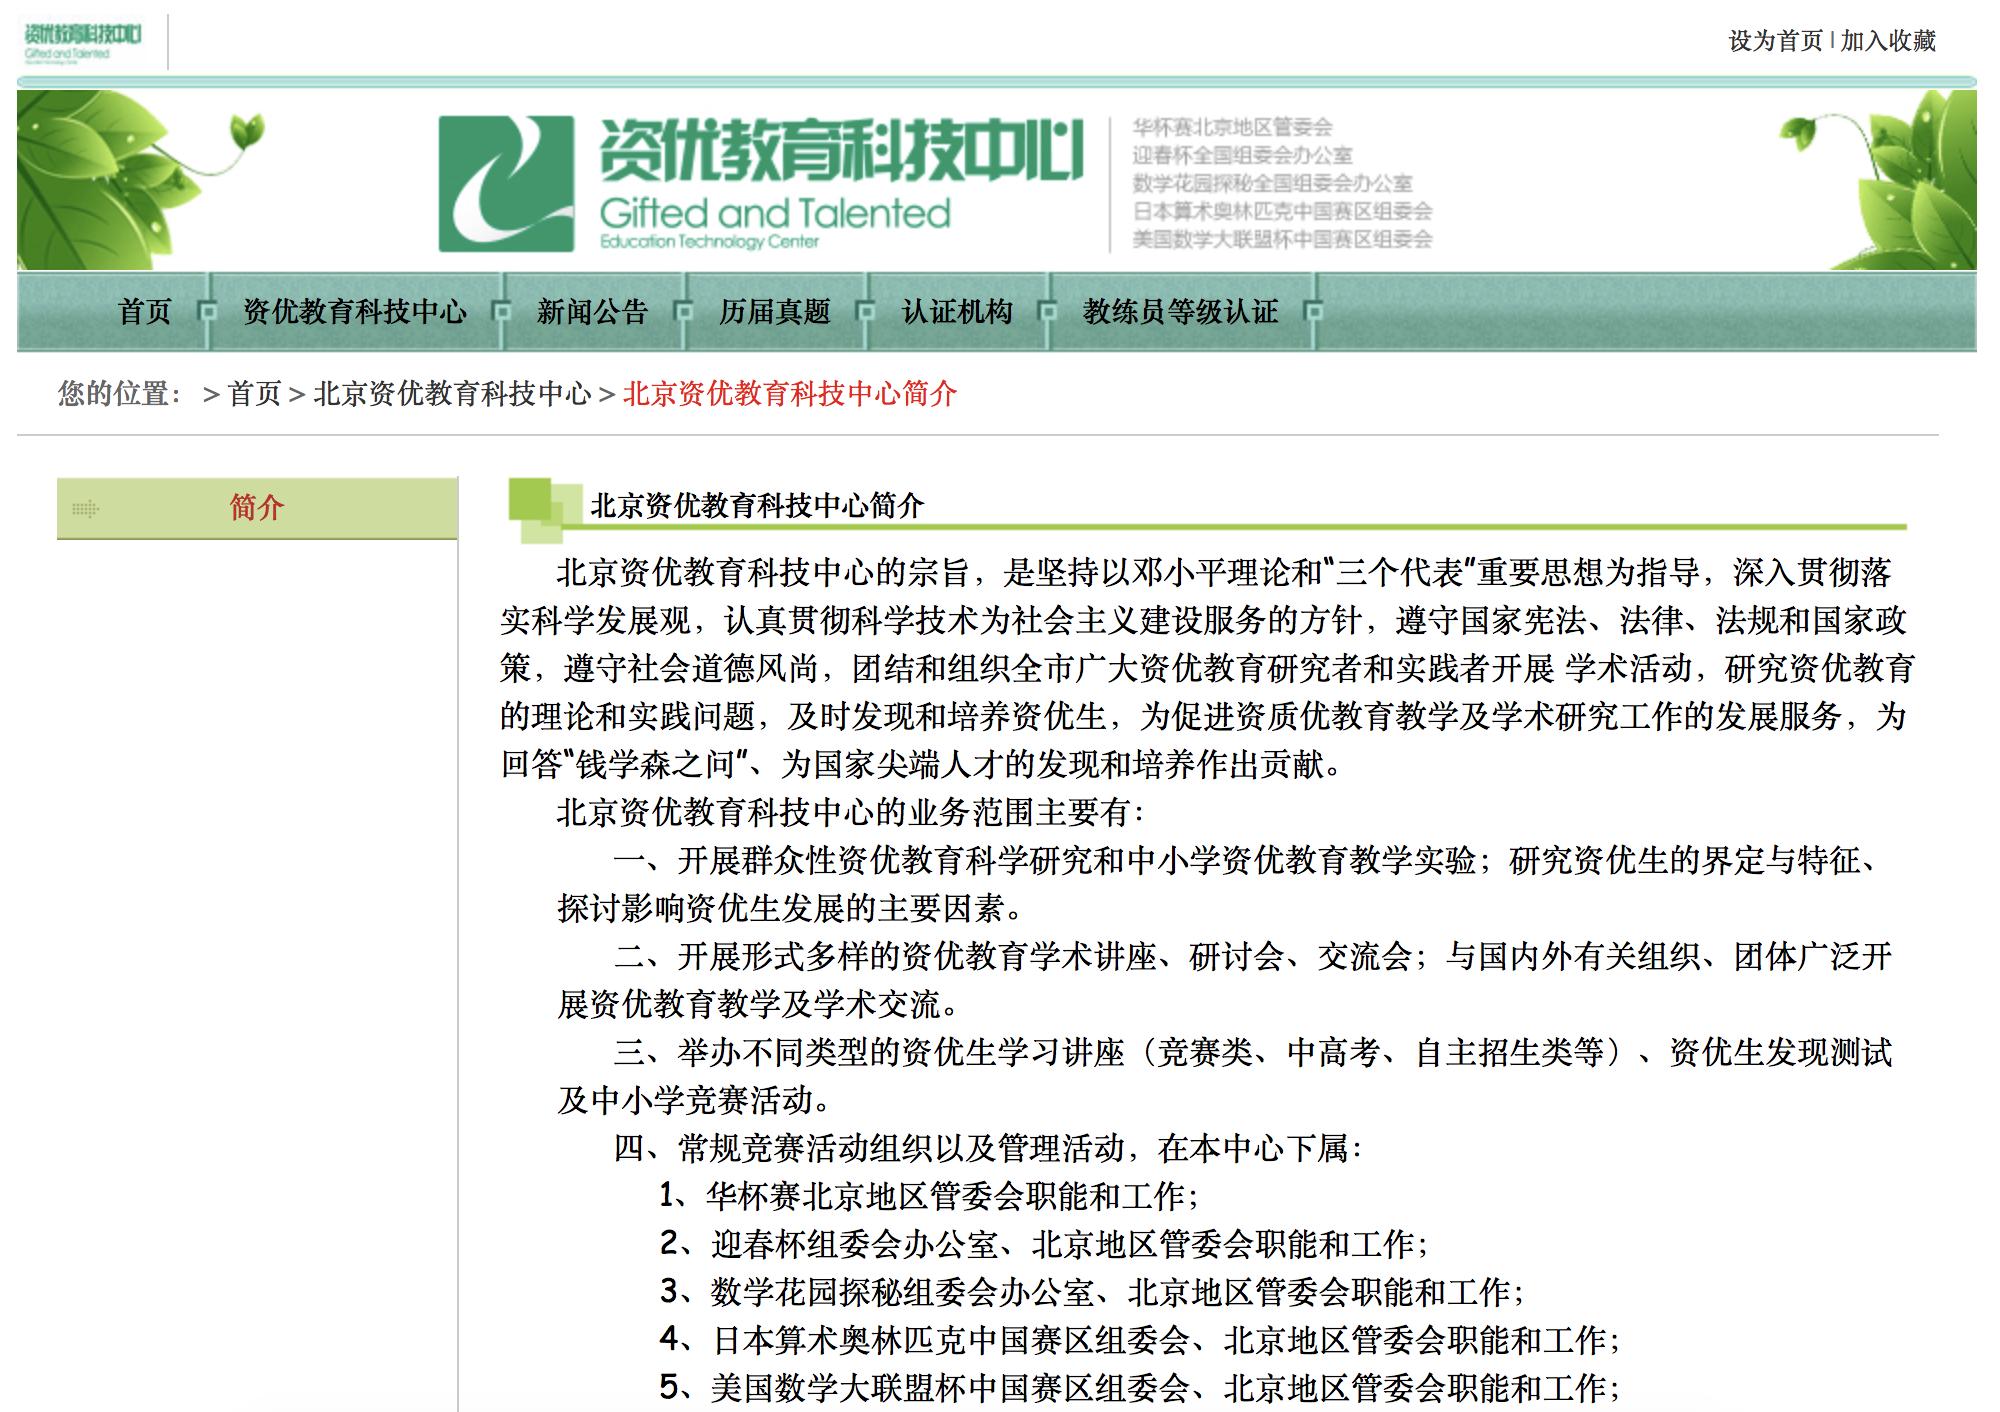 资优教育科技中心官网截图。